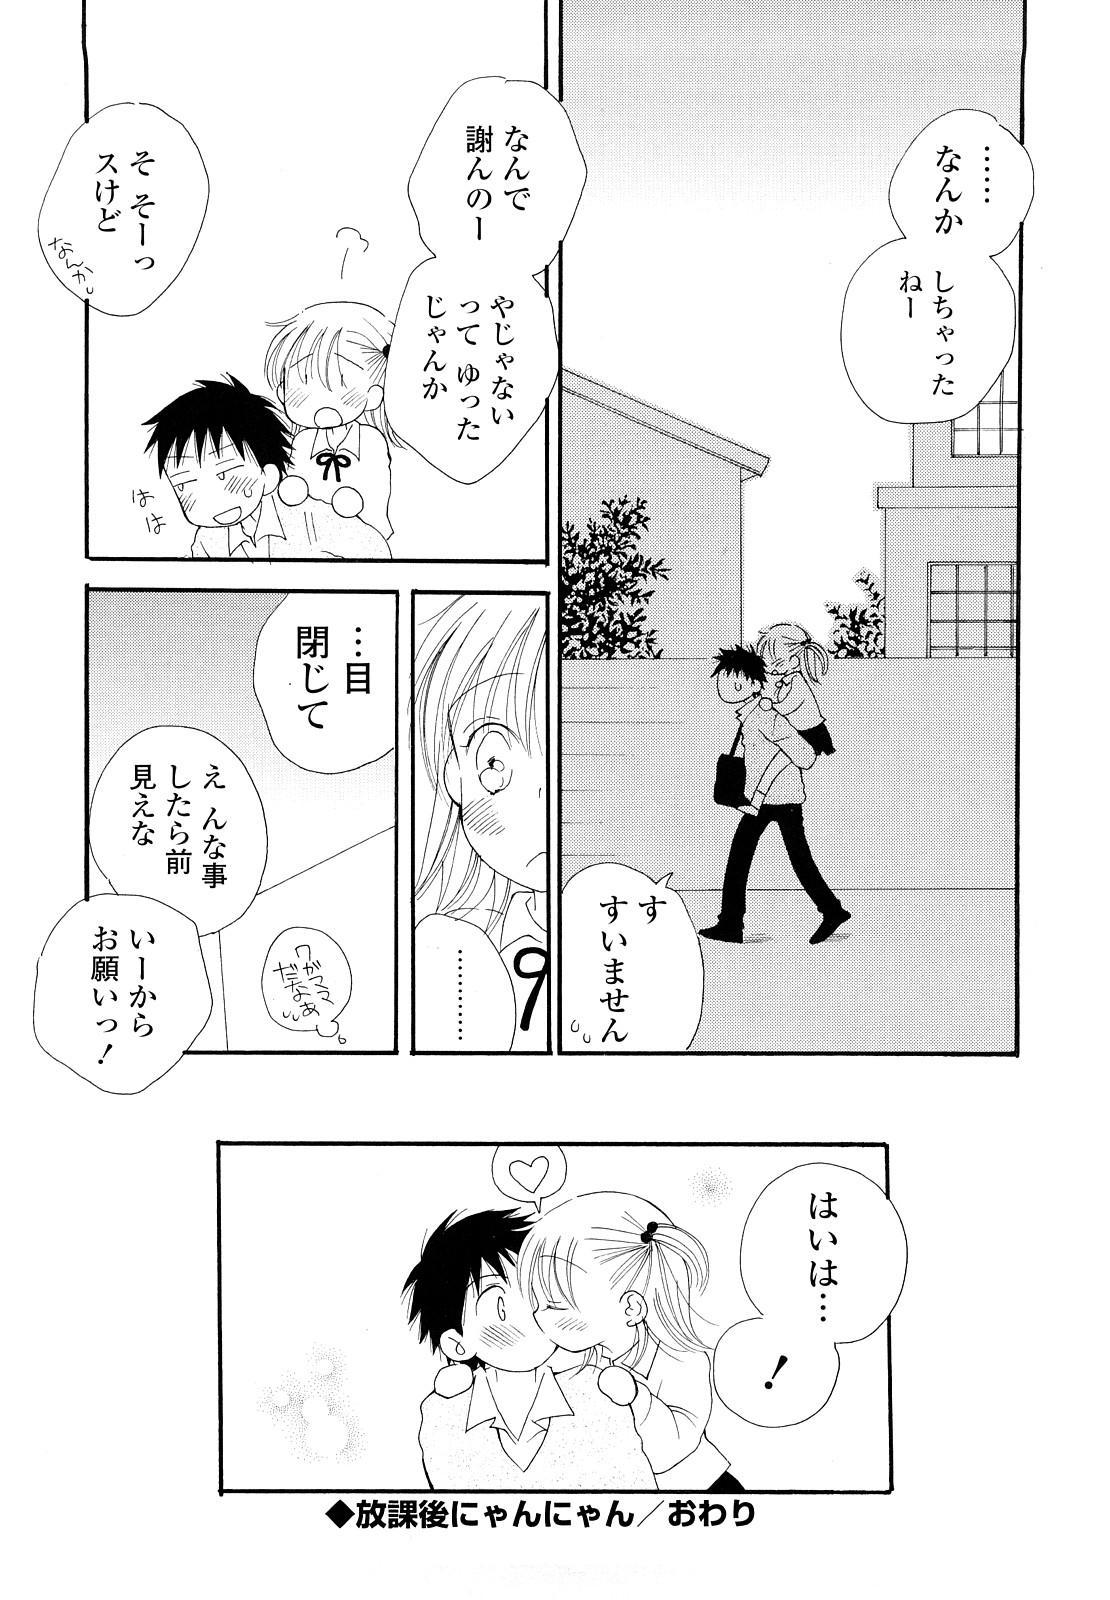 Houkago Nyan Nyan 138